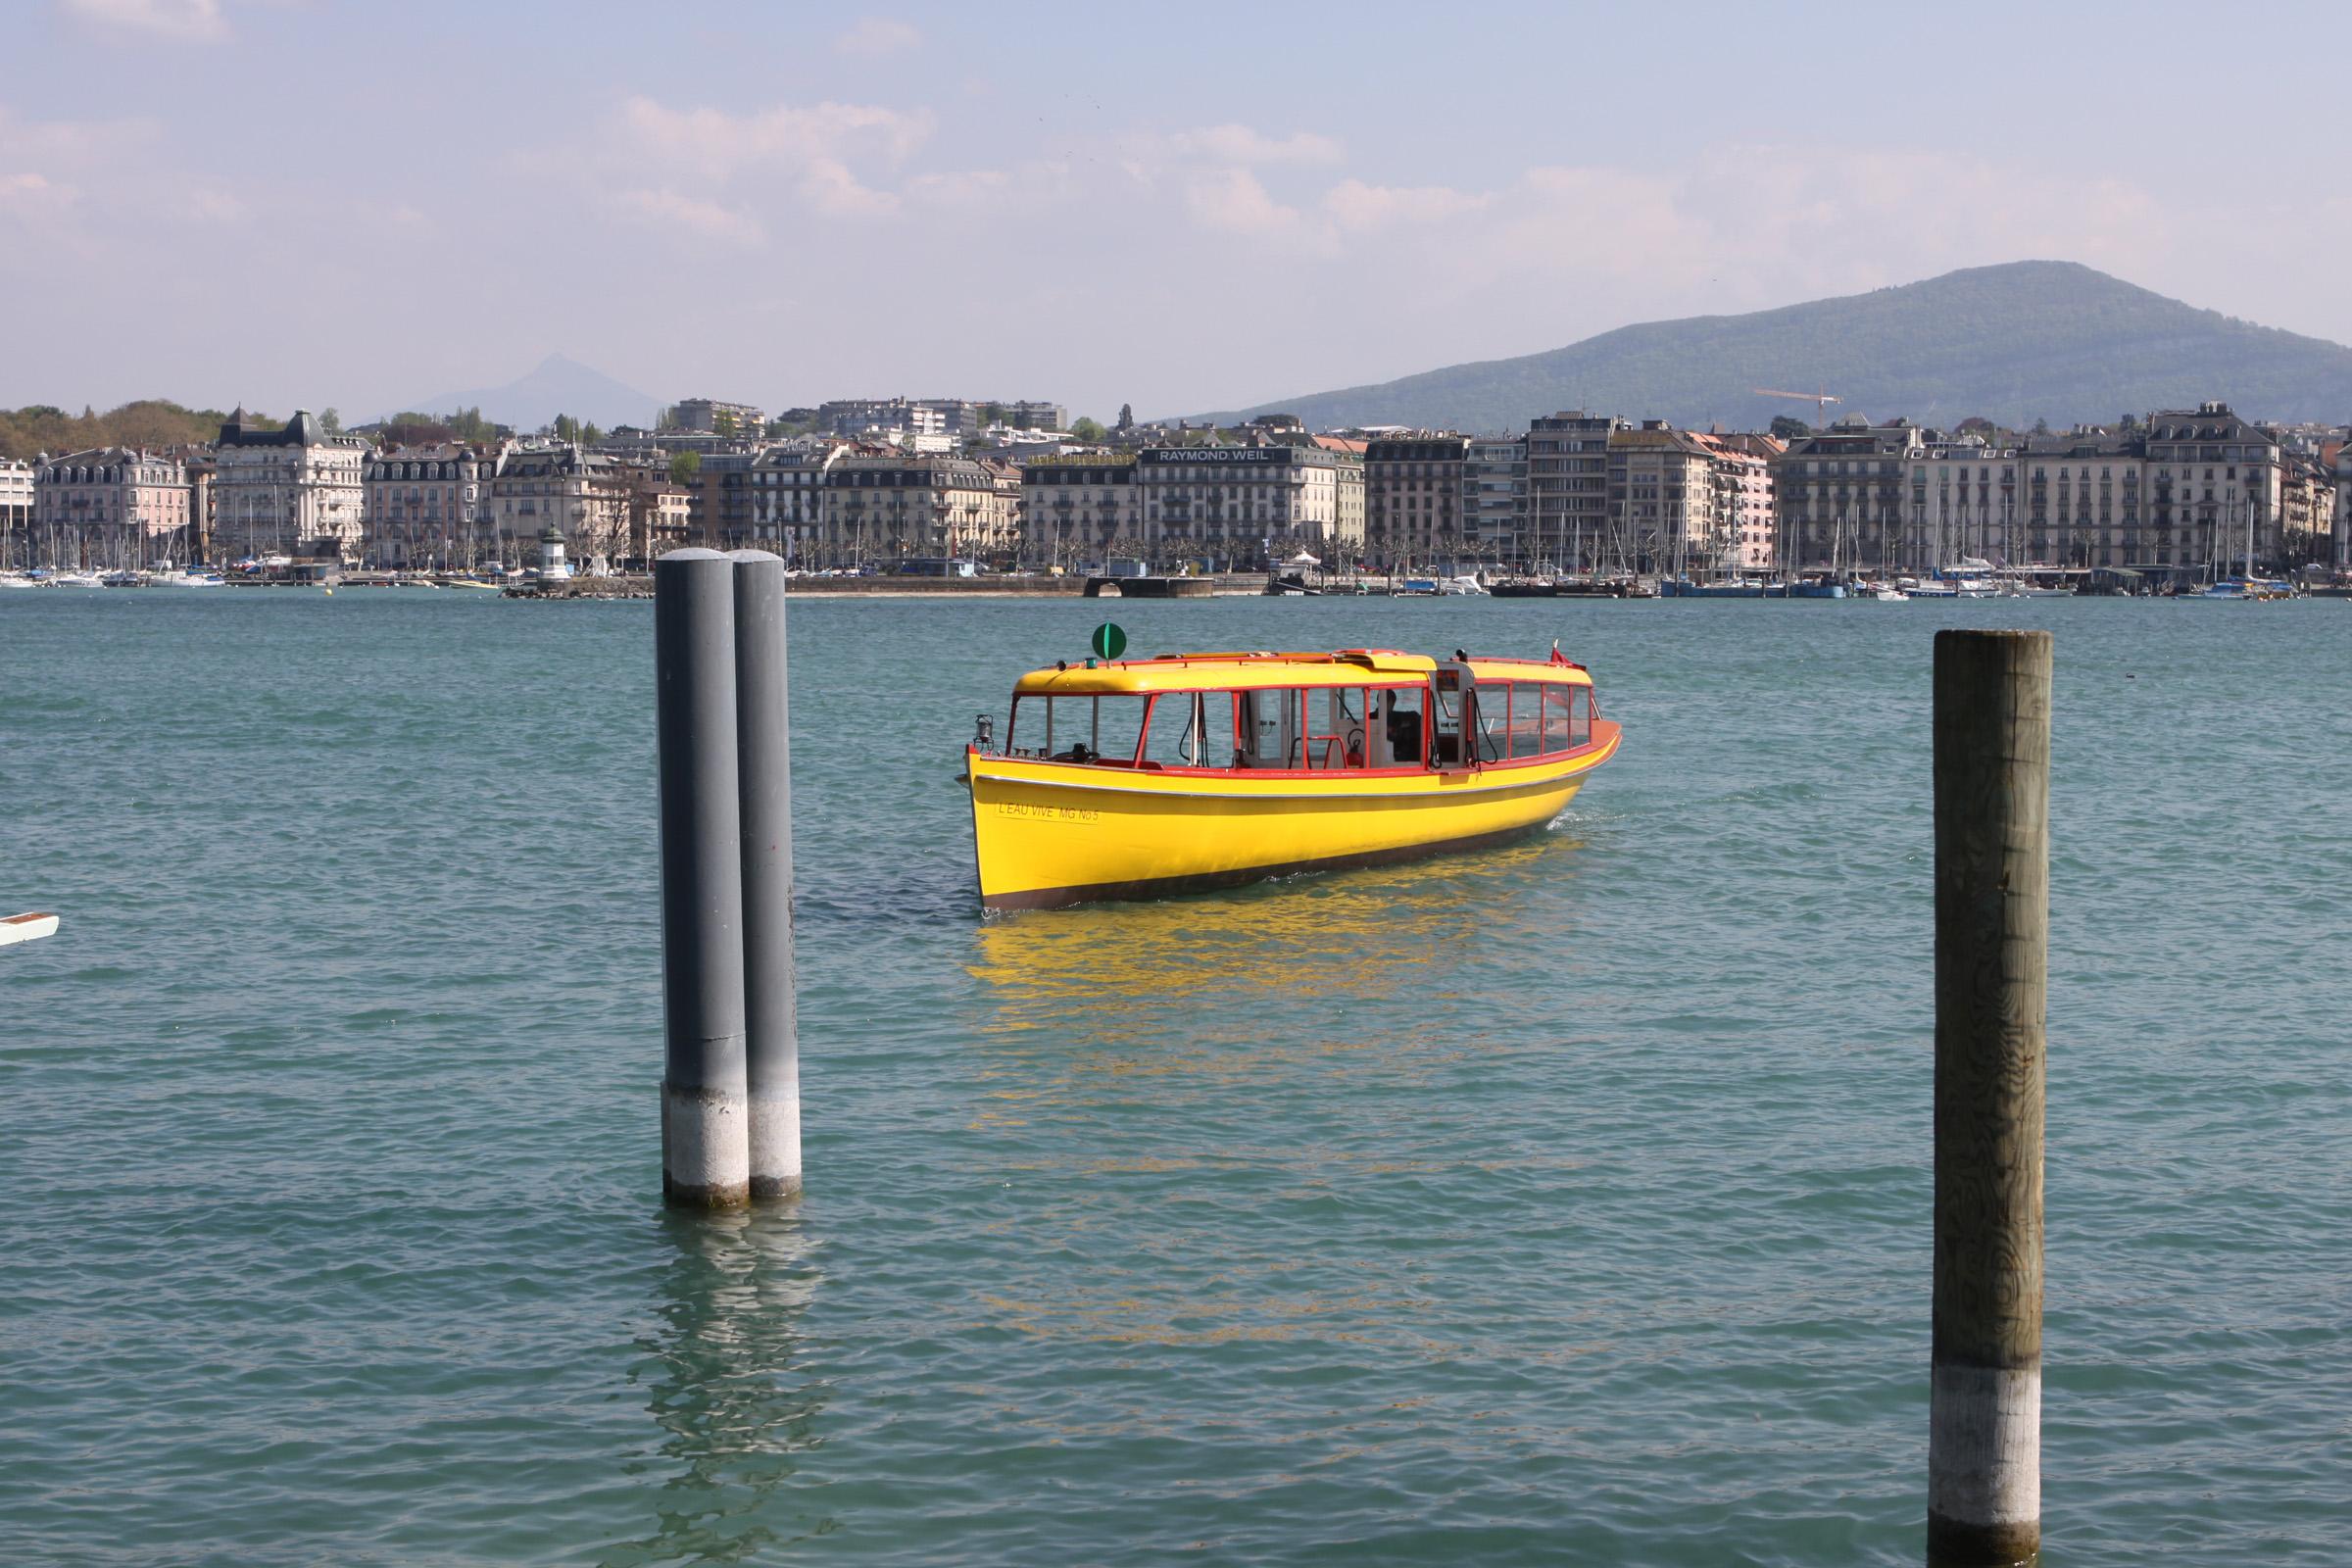 Bateau sur le lac de Genève